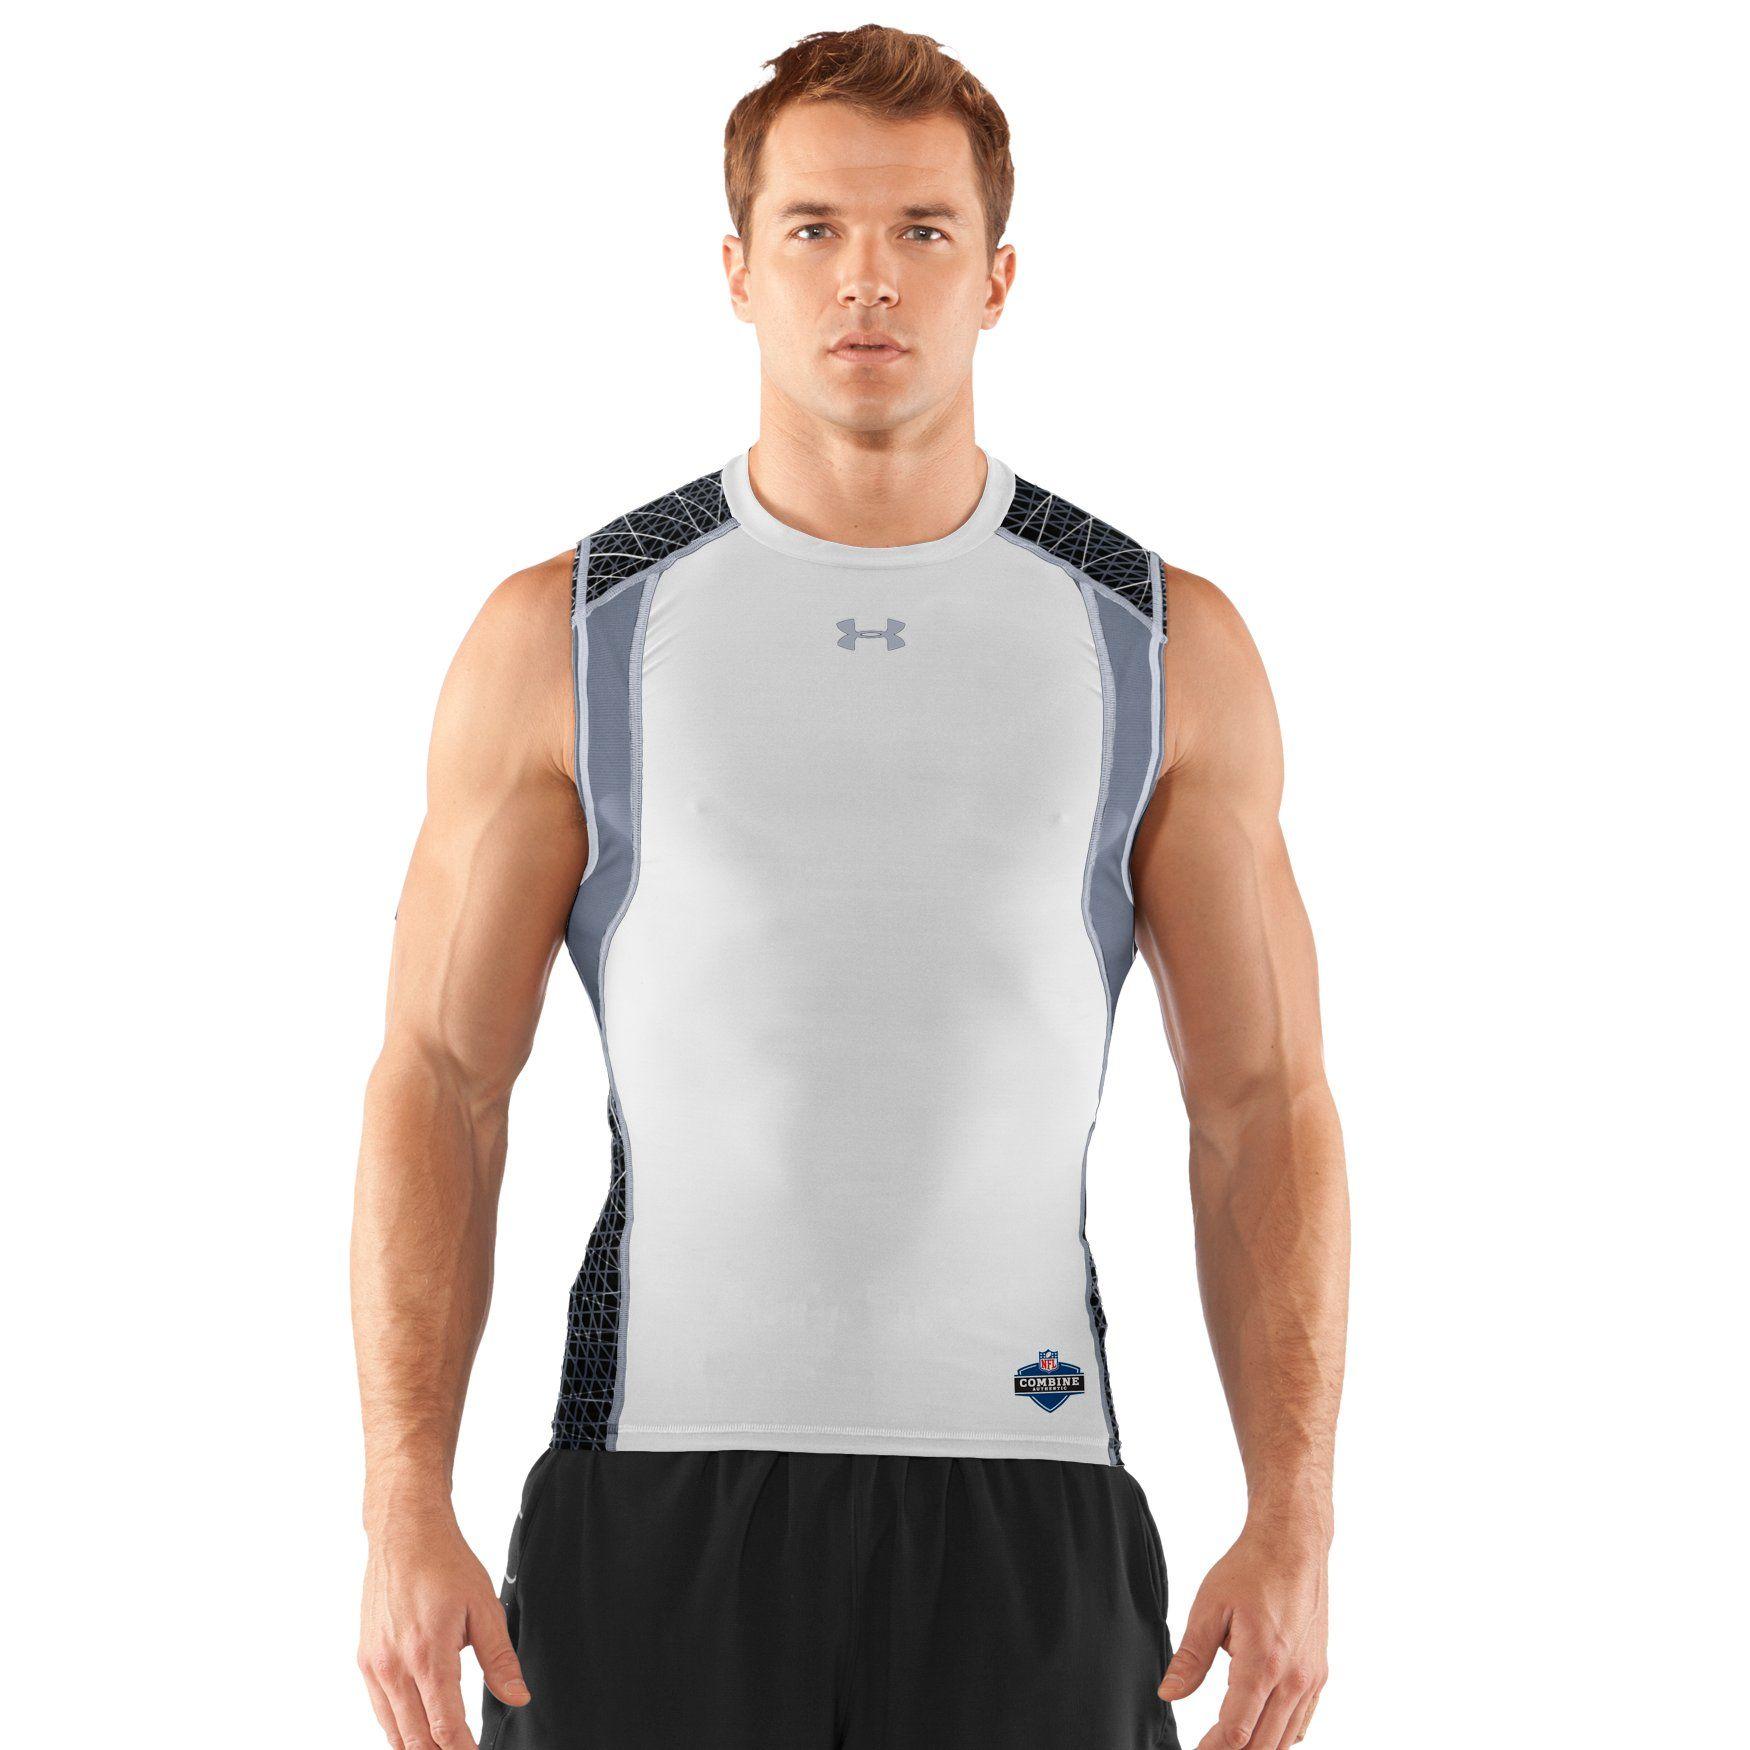 Under Armour Men's UA Warp Speed Sleeveless Shirt | hi | Pinterest